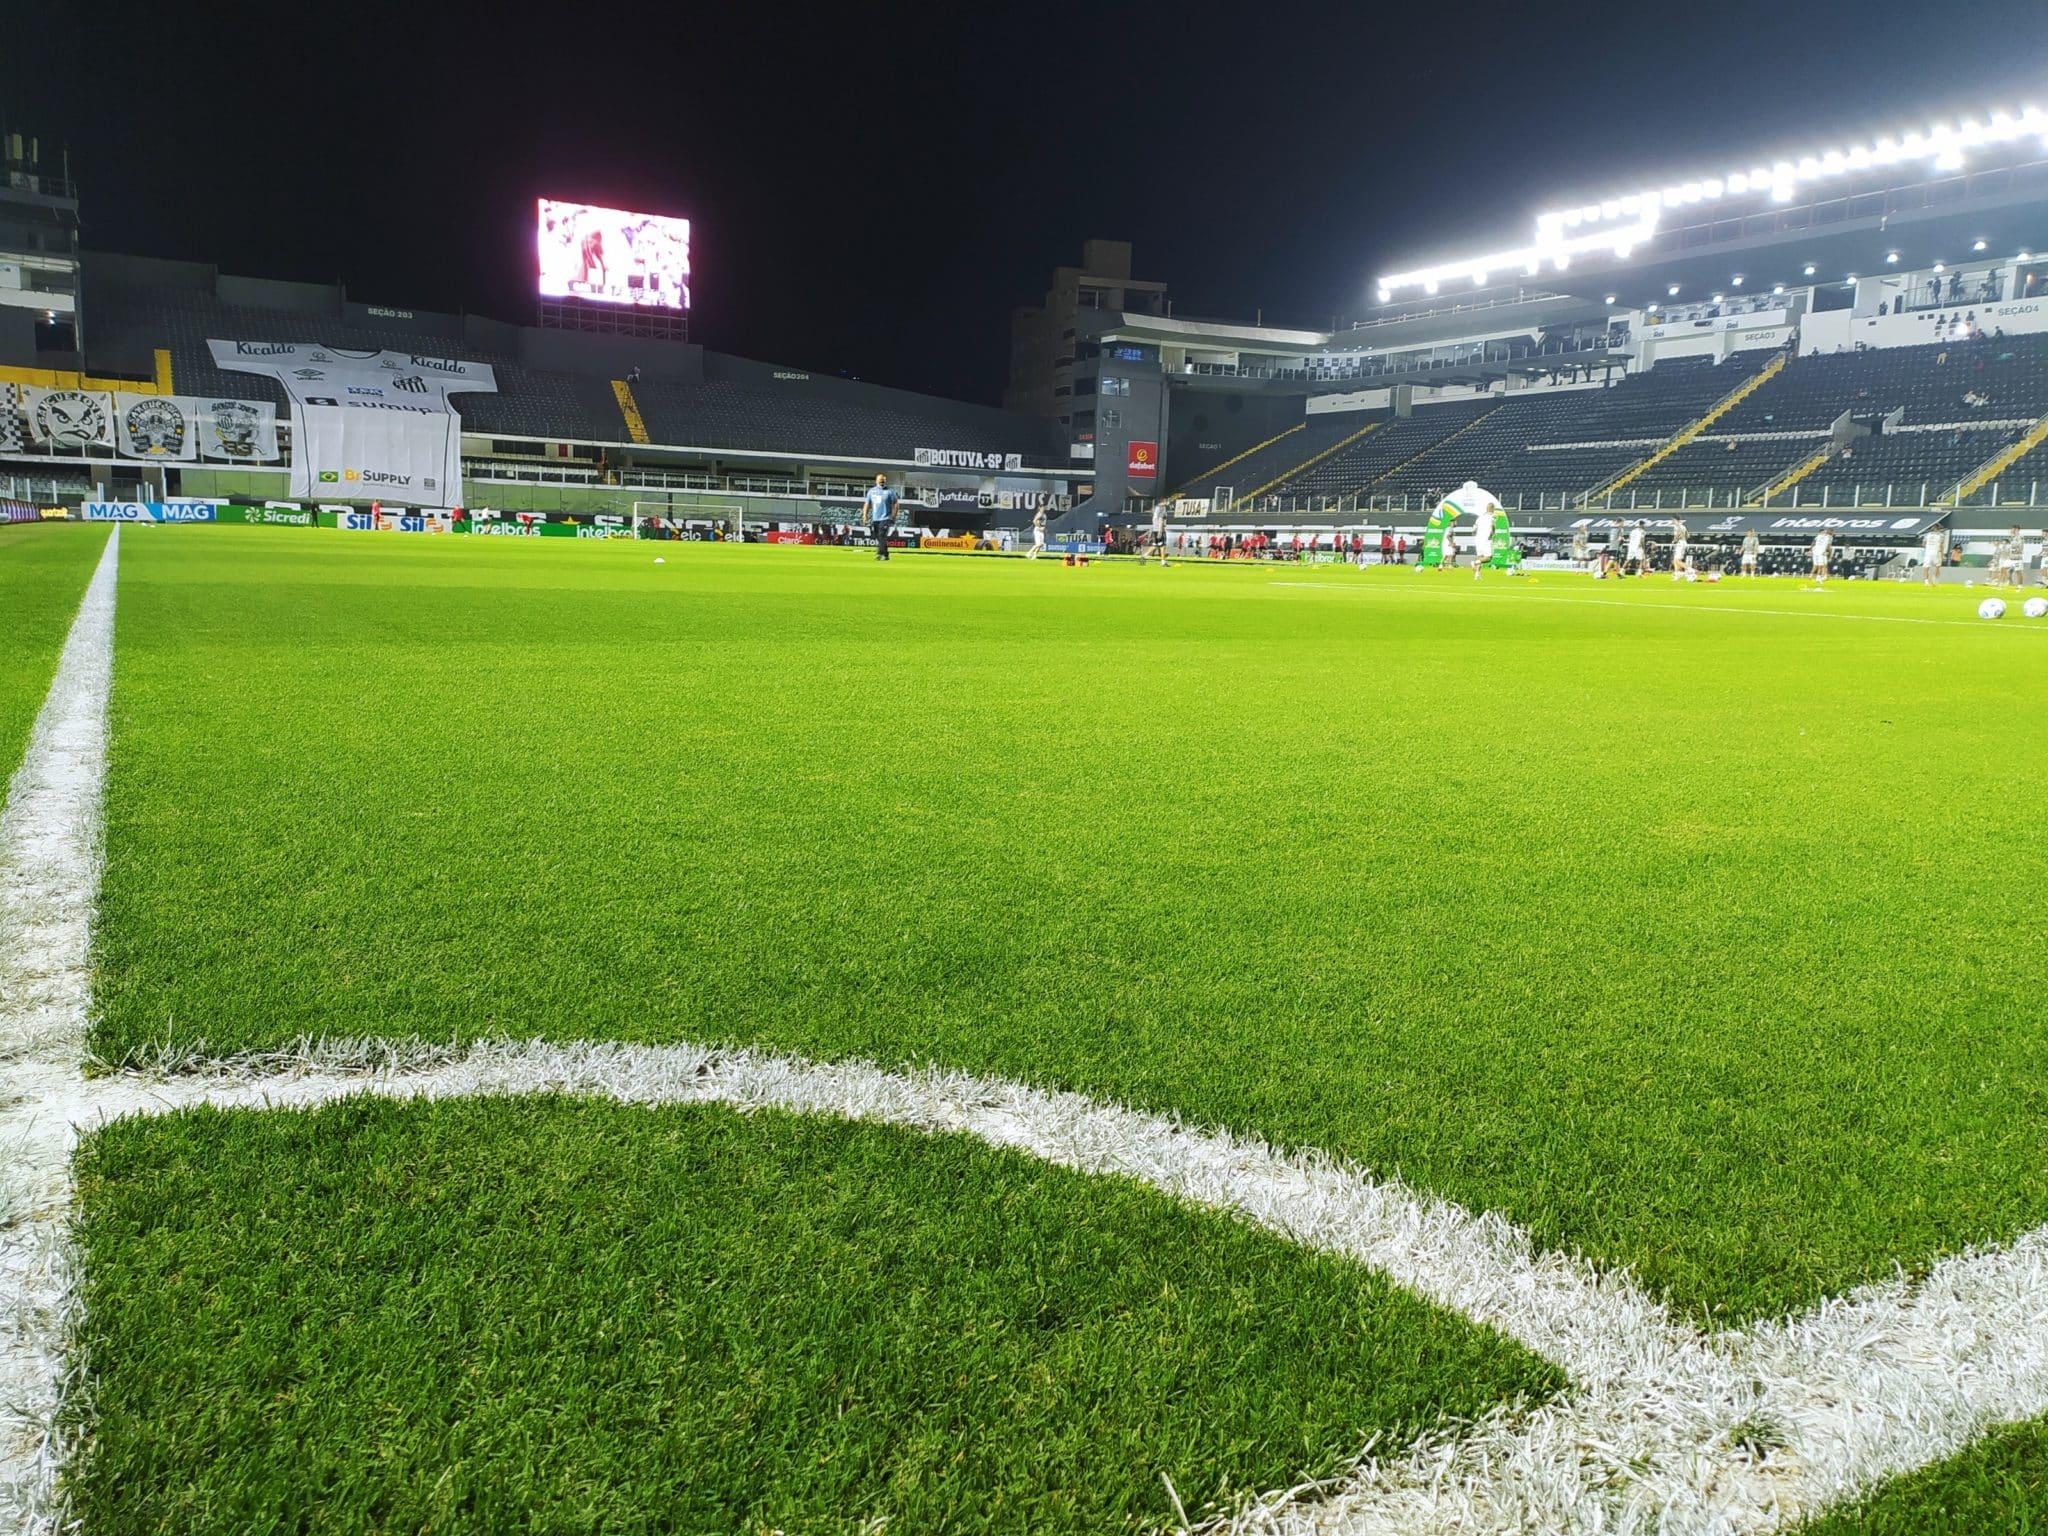 Com objetivos semelhantes, Santos e Grêmio se enfrentam na noite deste domingo (10), às 18h15, no Estádio Vila Belmiro, em Santos (SP)